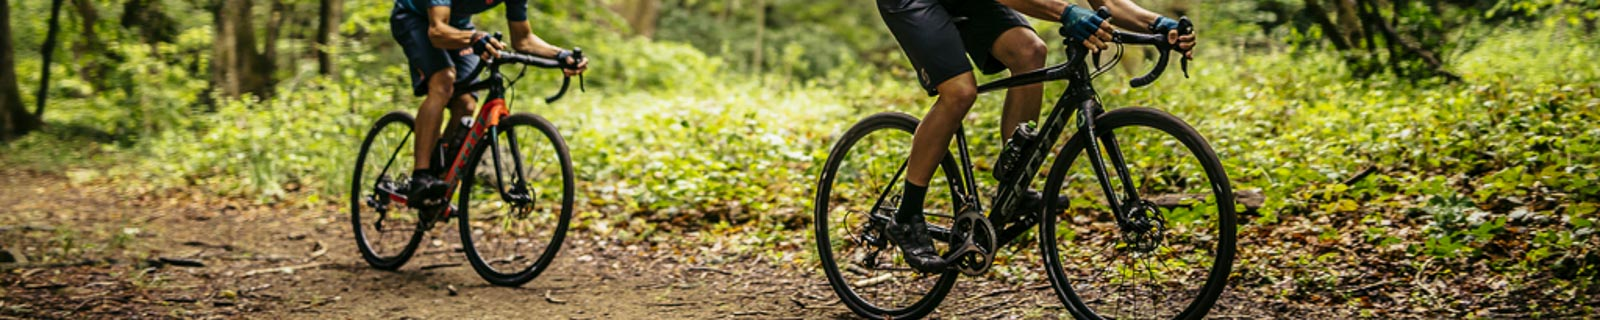 Vélos de cyclocross